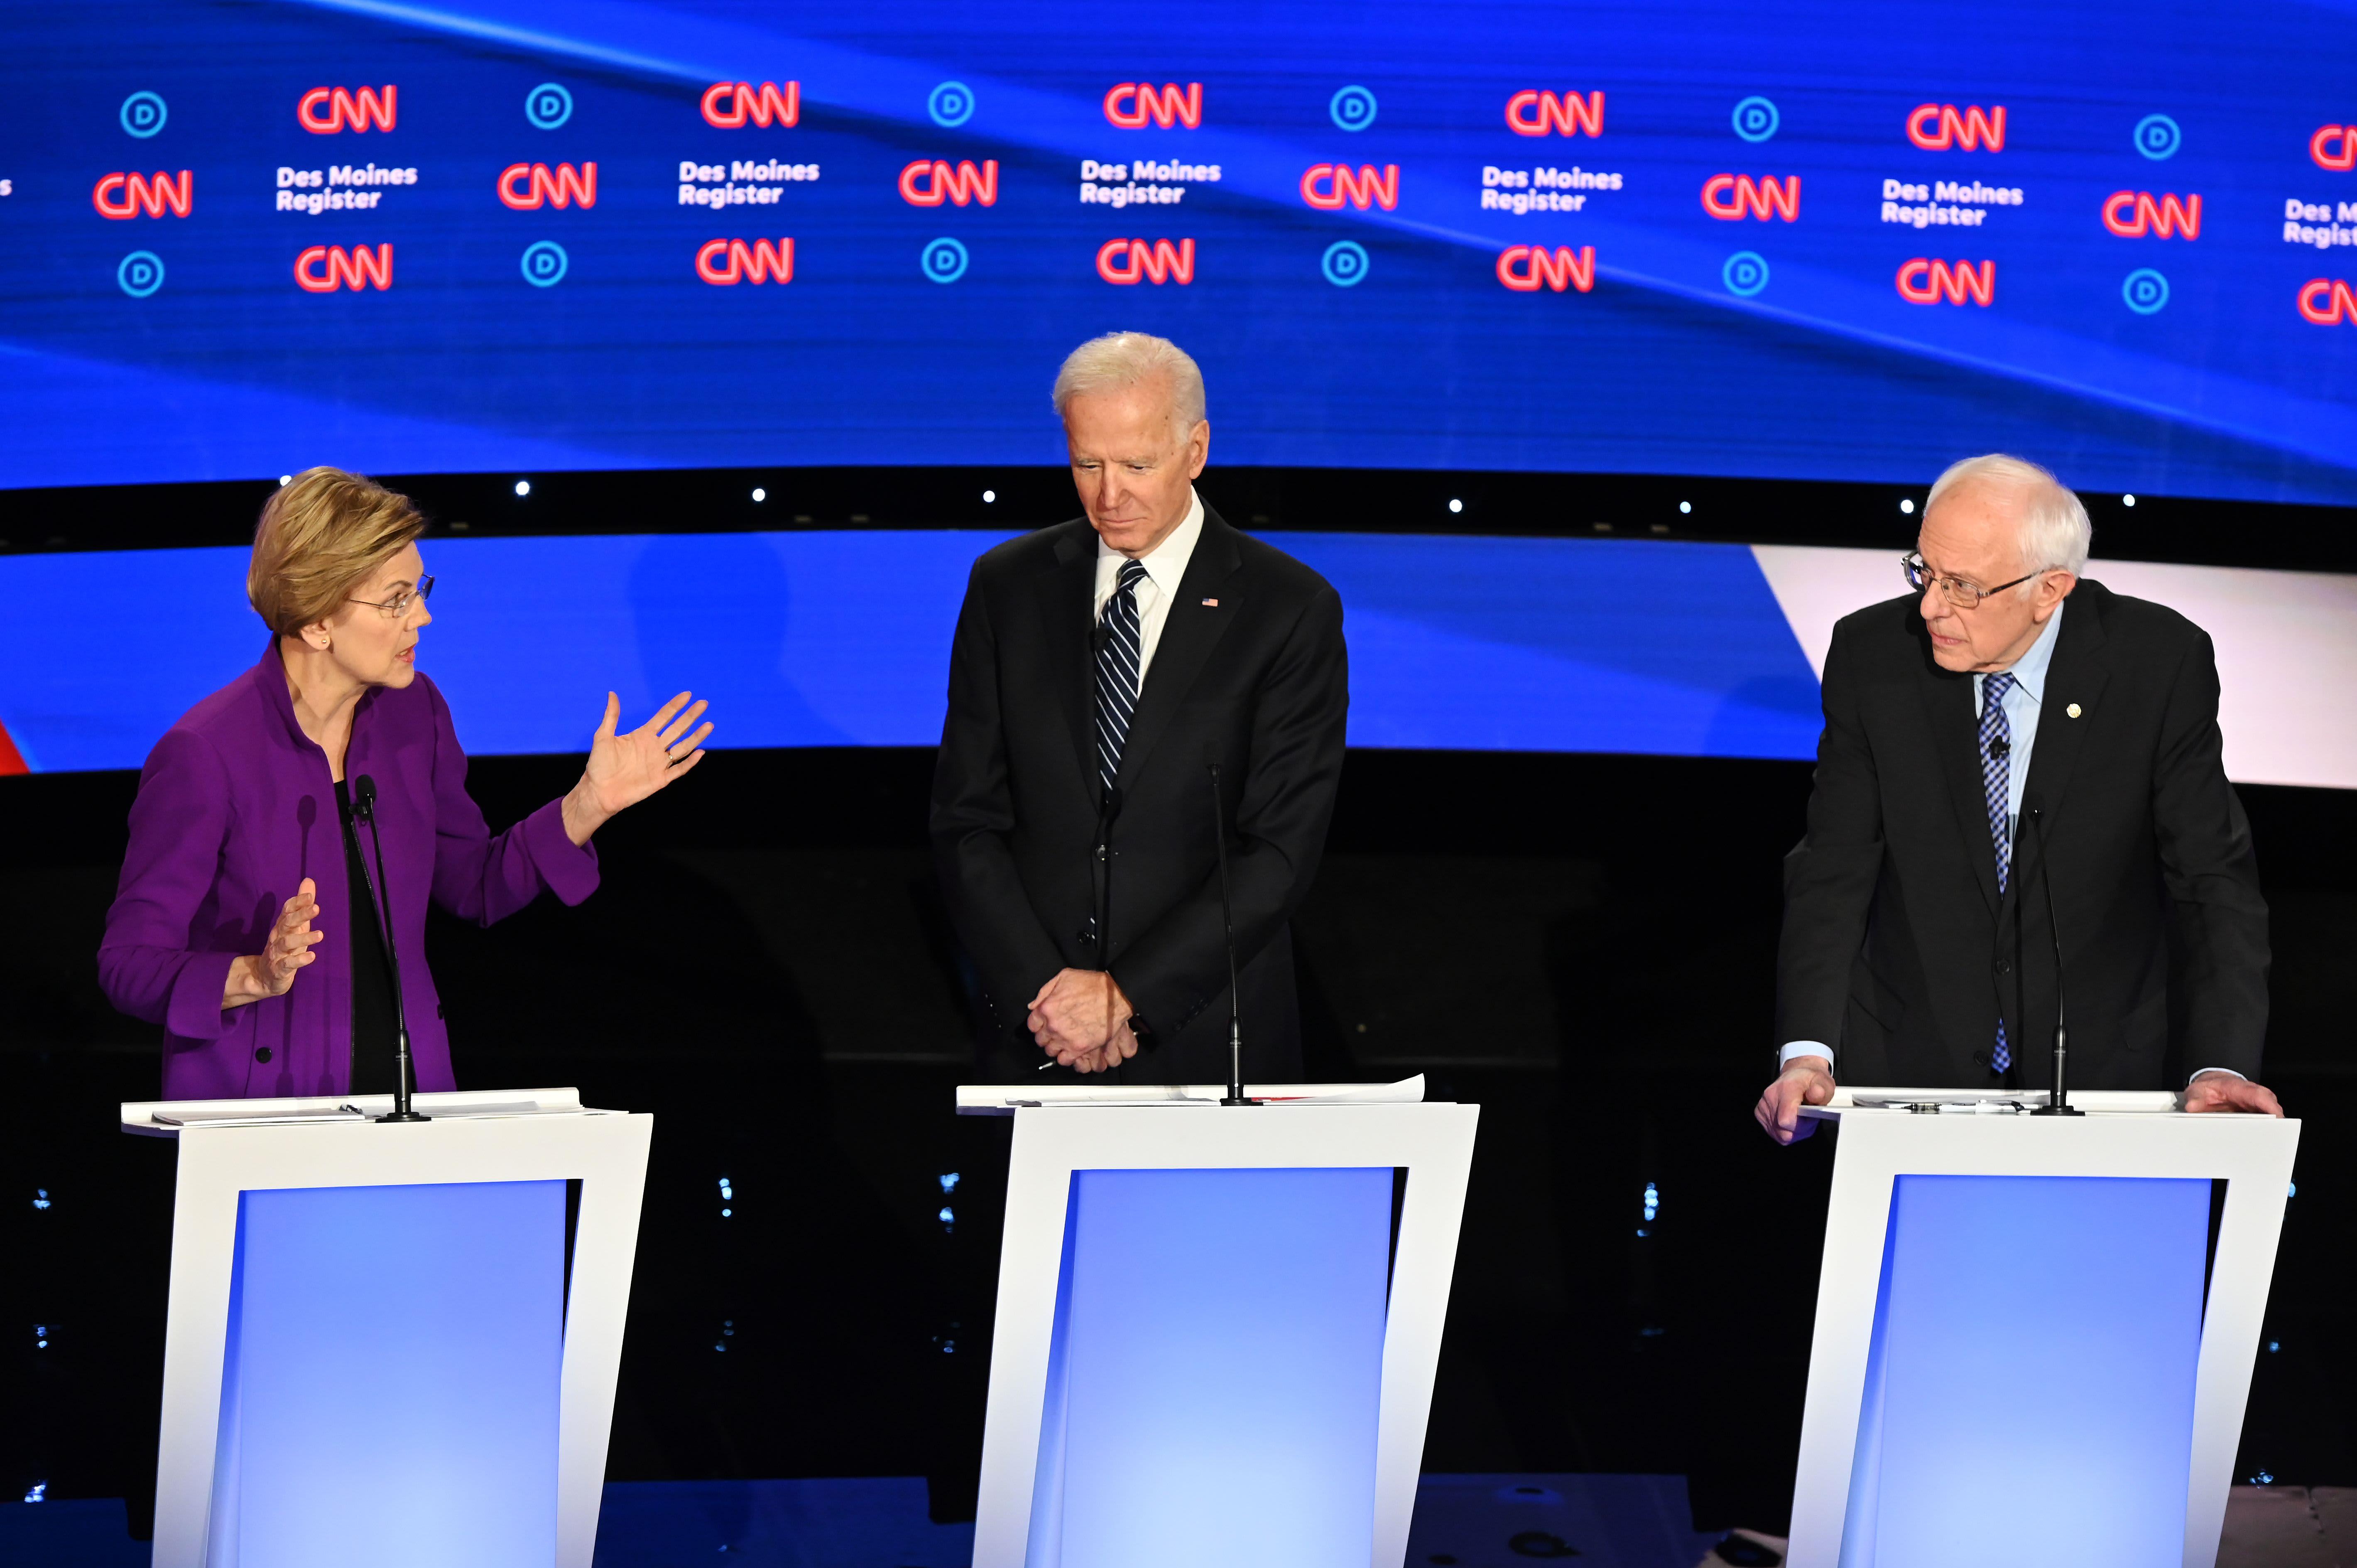 Things get tense between Elizabeth Warren and Bernie Sanders at Democratic debate